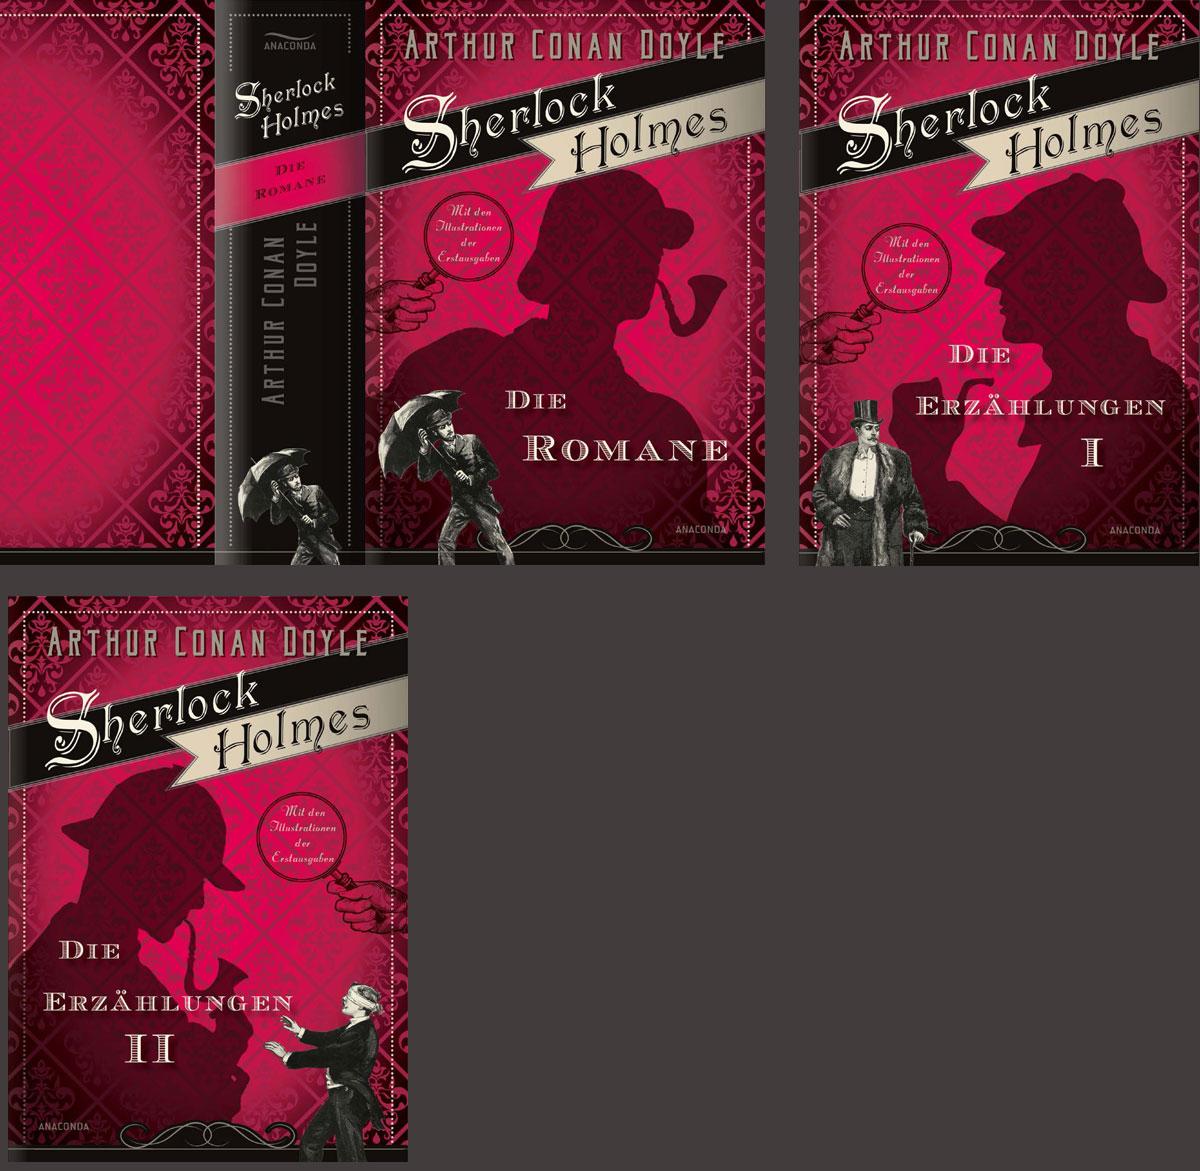 sherlock-holmes-saemtliche-werke-3